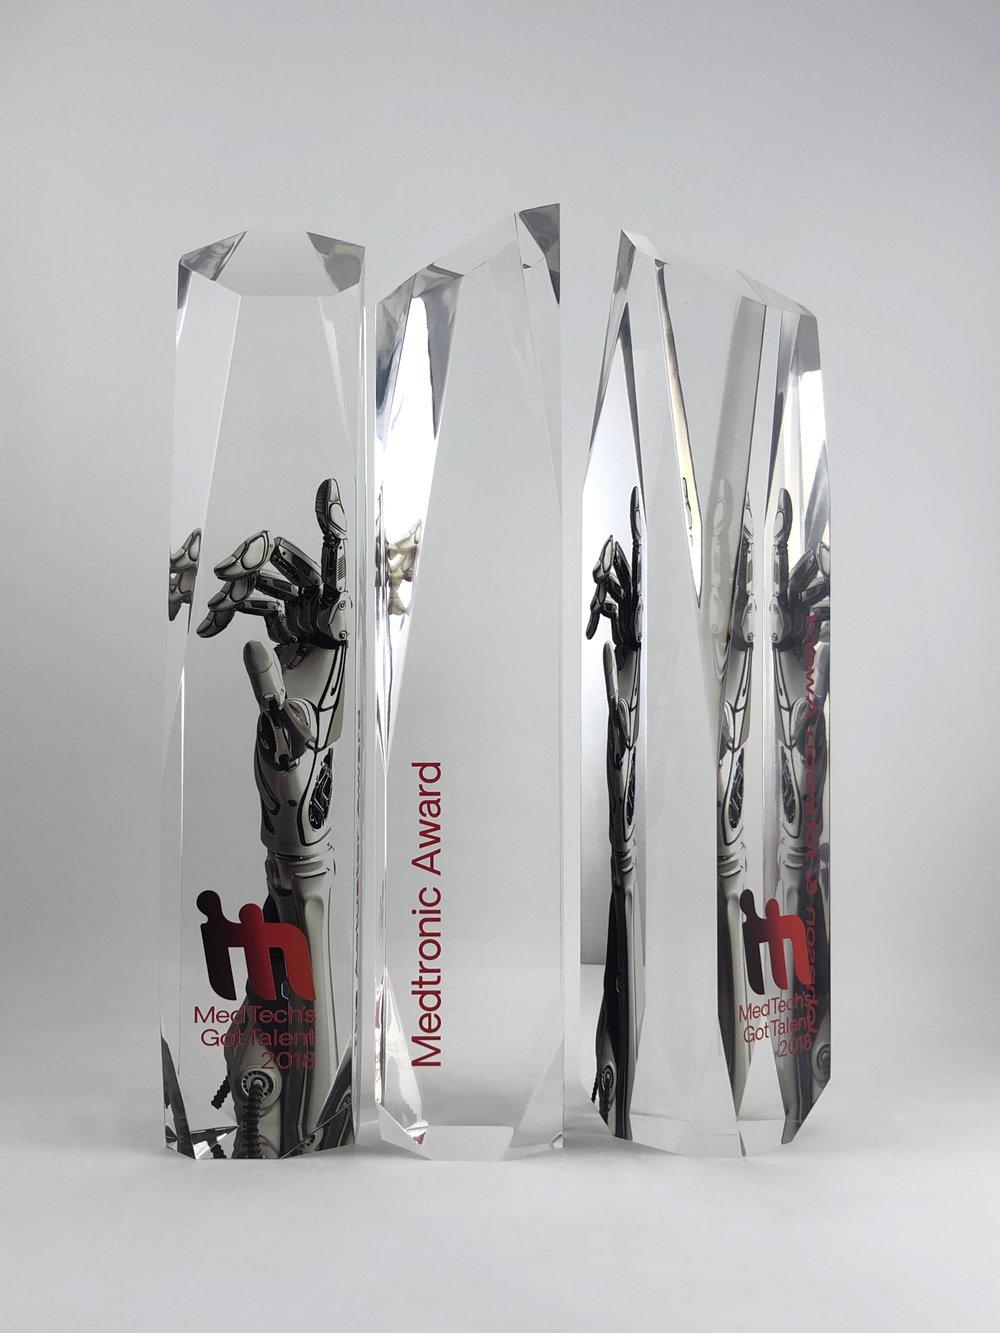 medtech-got-talent-awards-acrylic-graphic-print-art-trophy-06.jpg